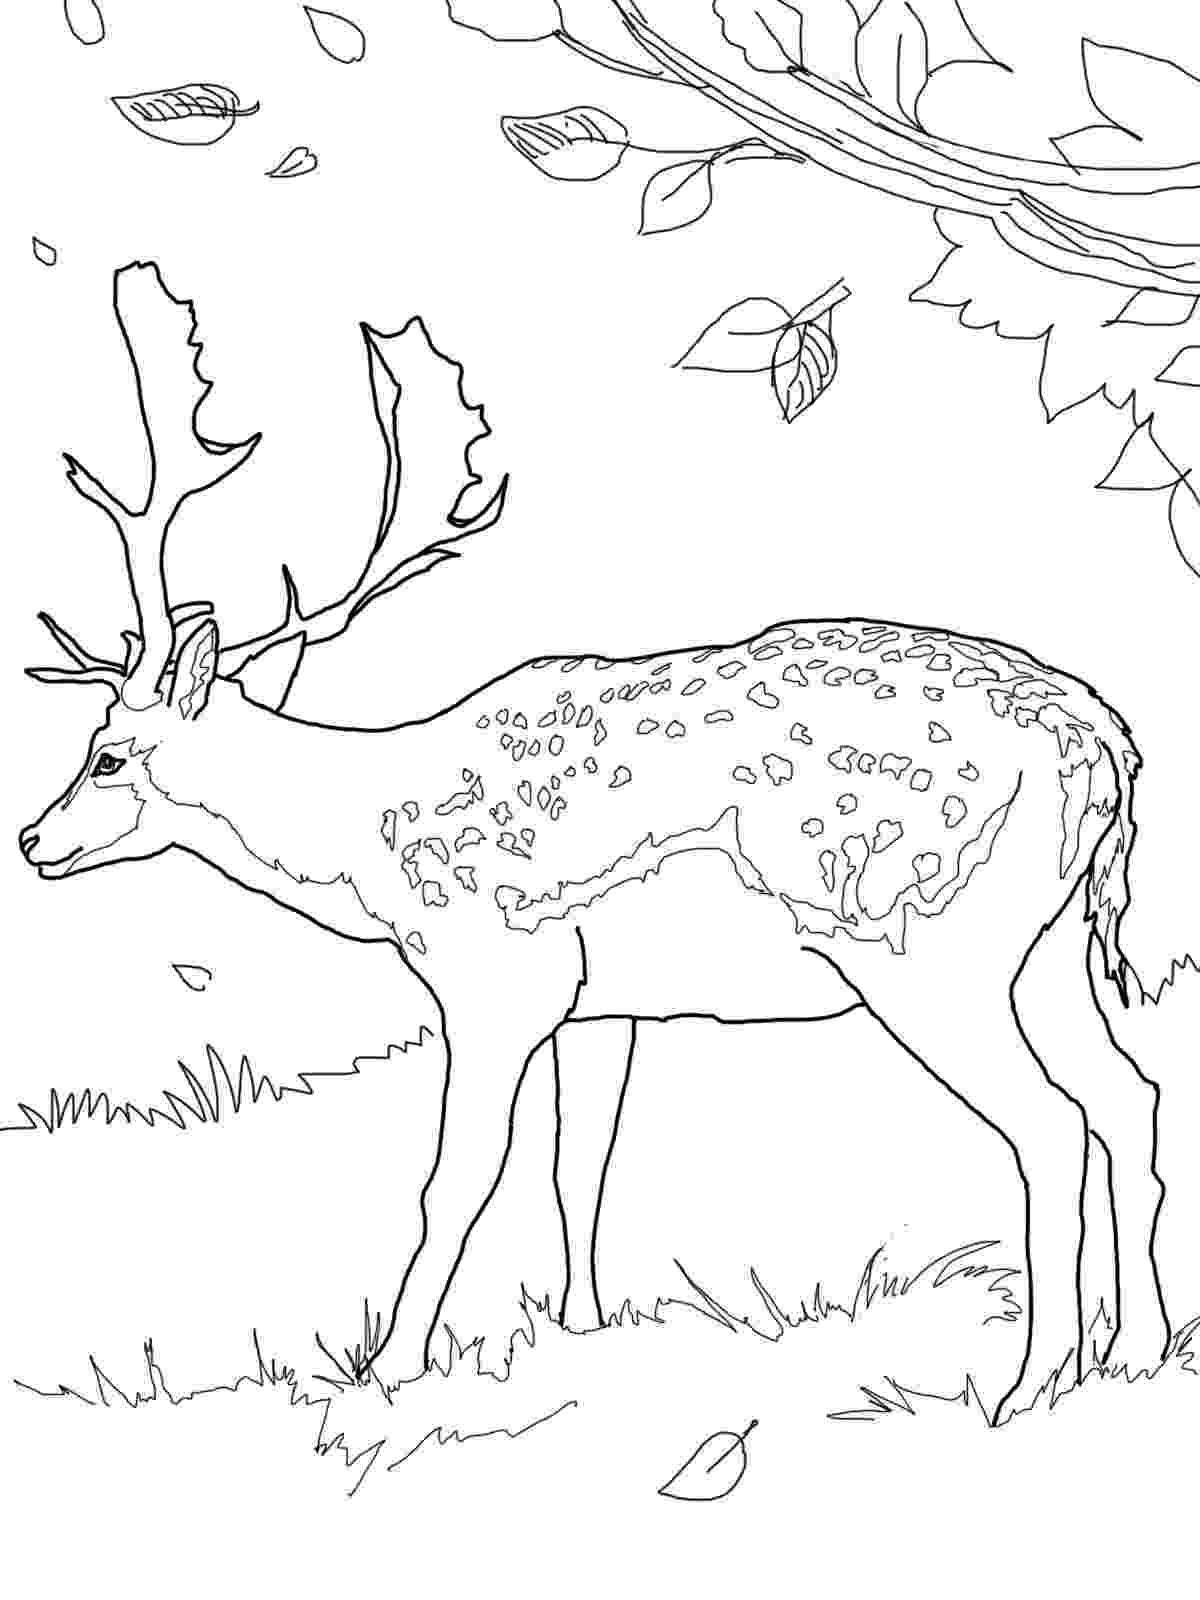 deer coloring sheet deer coloring pages coloring pages to print coloring deer sheet